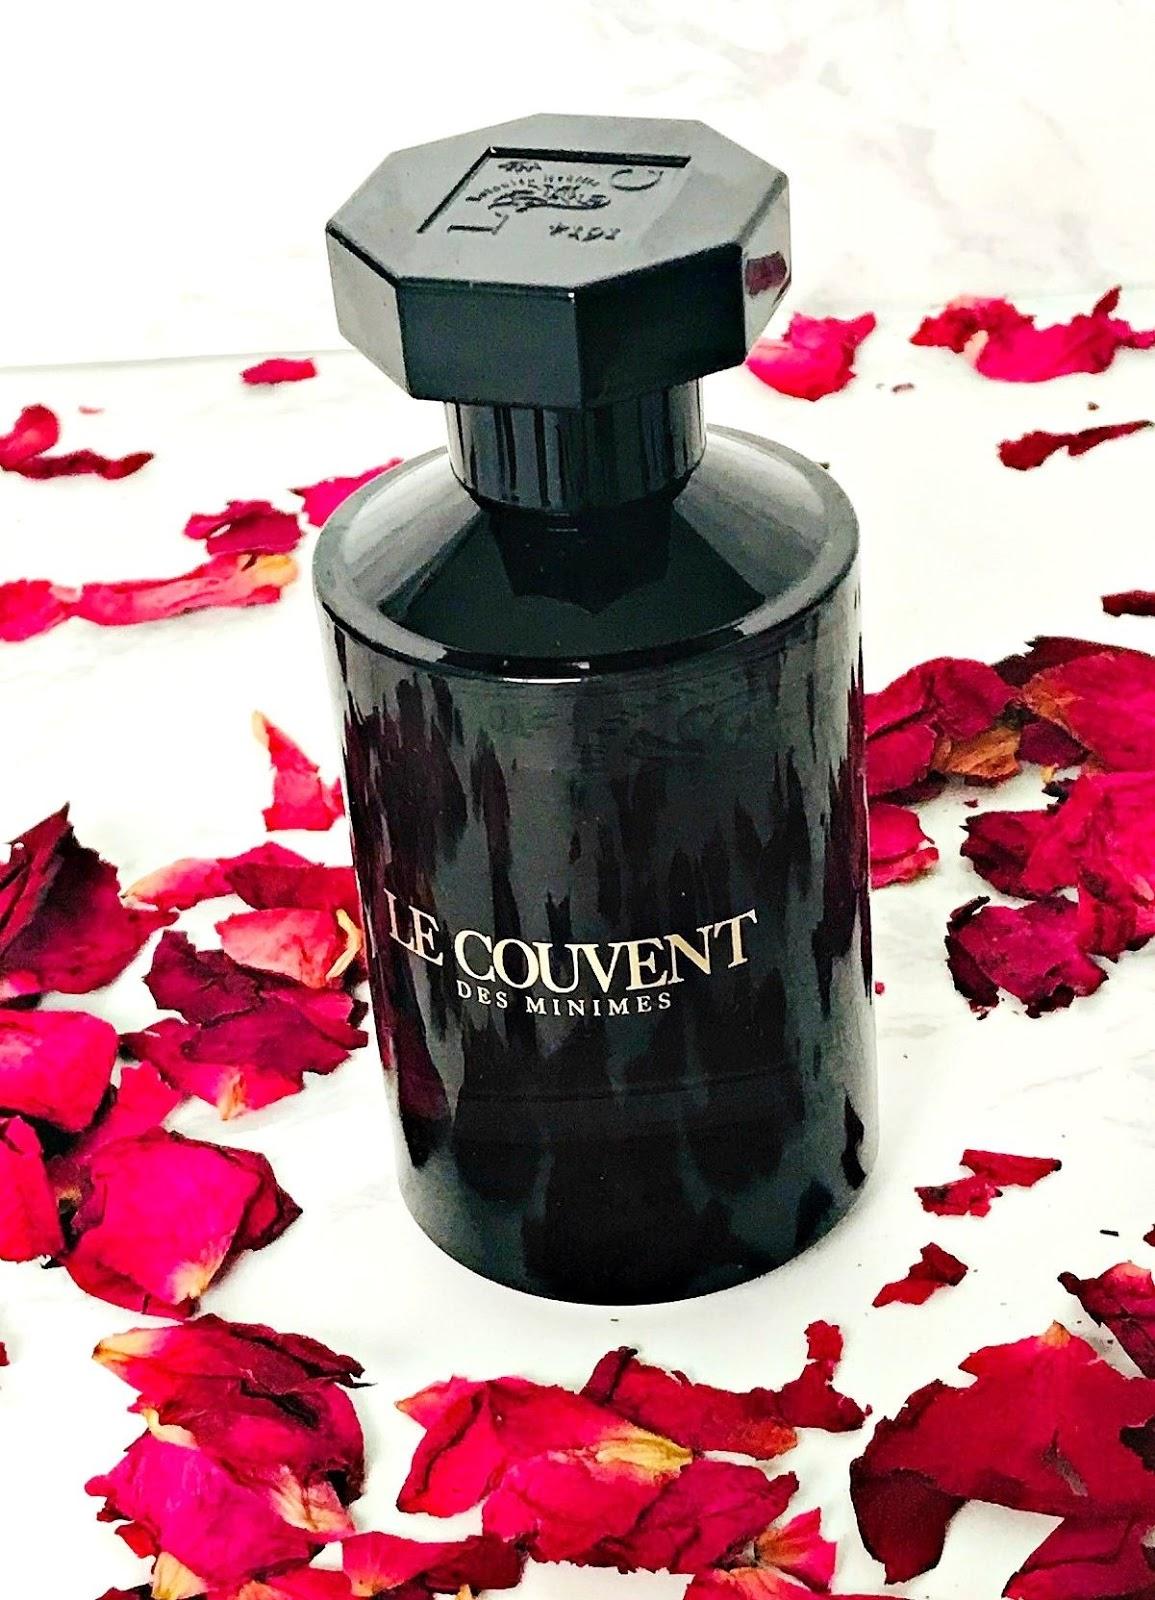 Le Couvent des Minimes' Tinharé Parfum Review